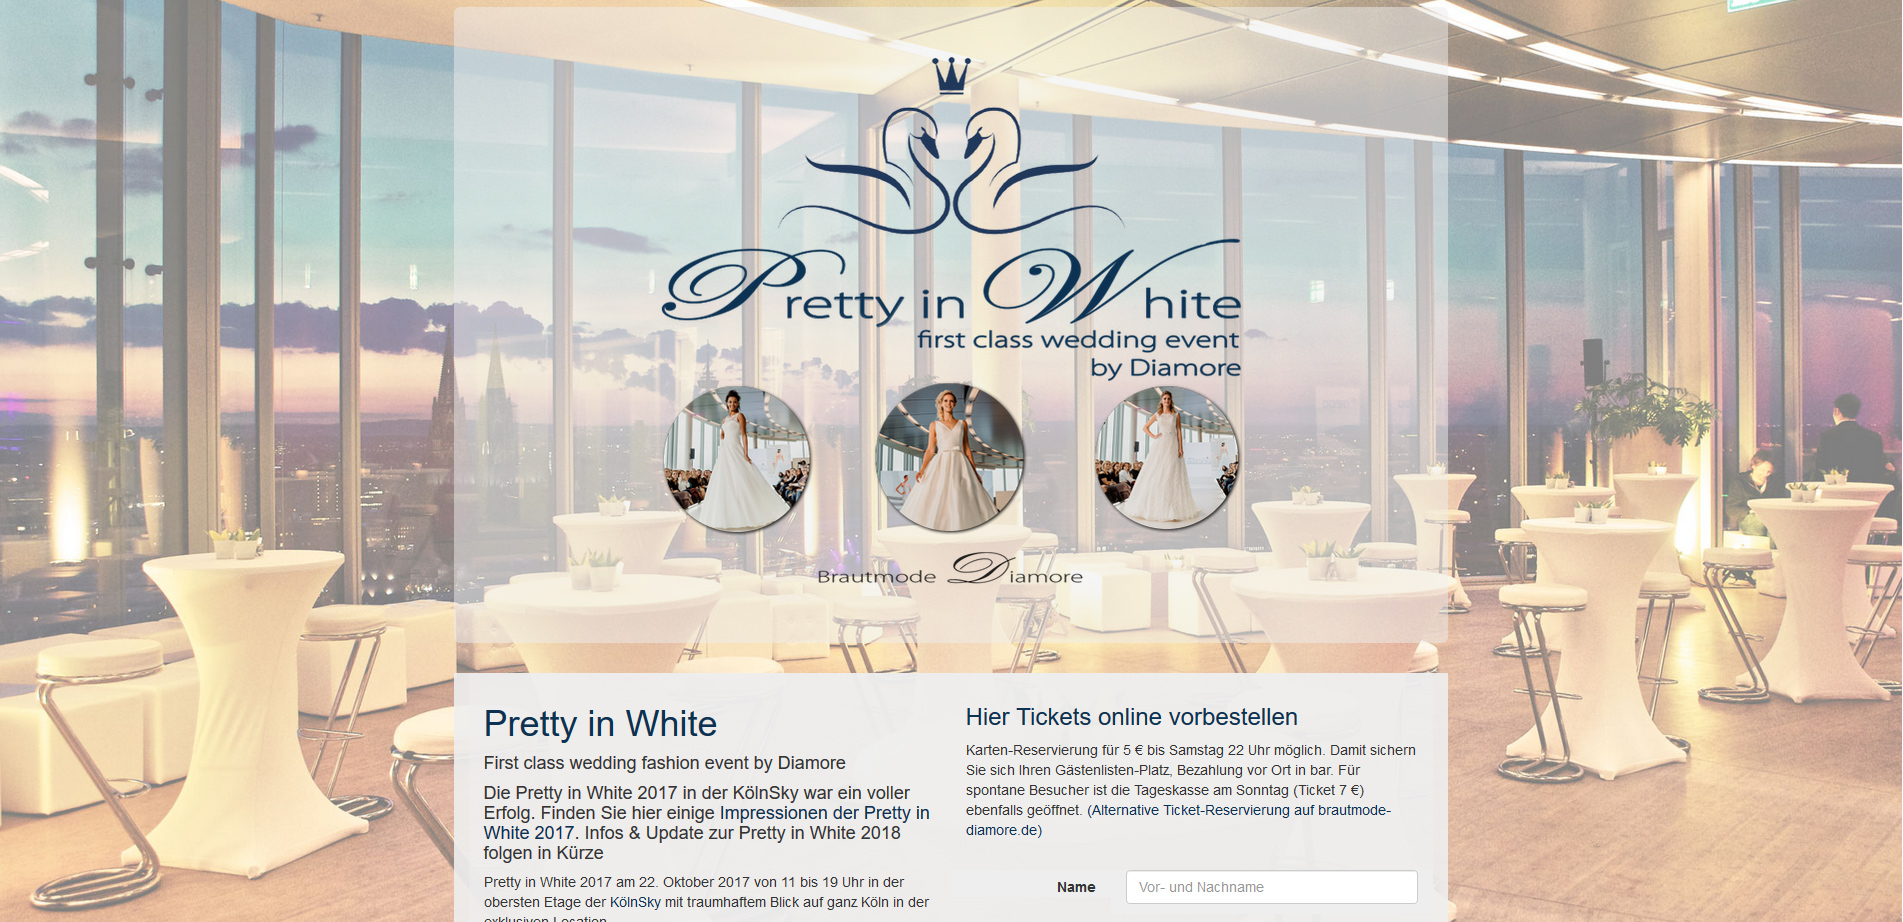 Eventsite pretty-in-white.de